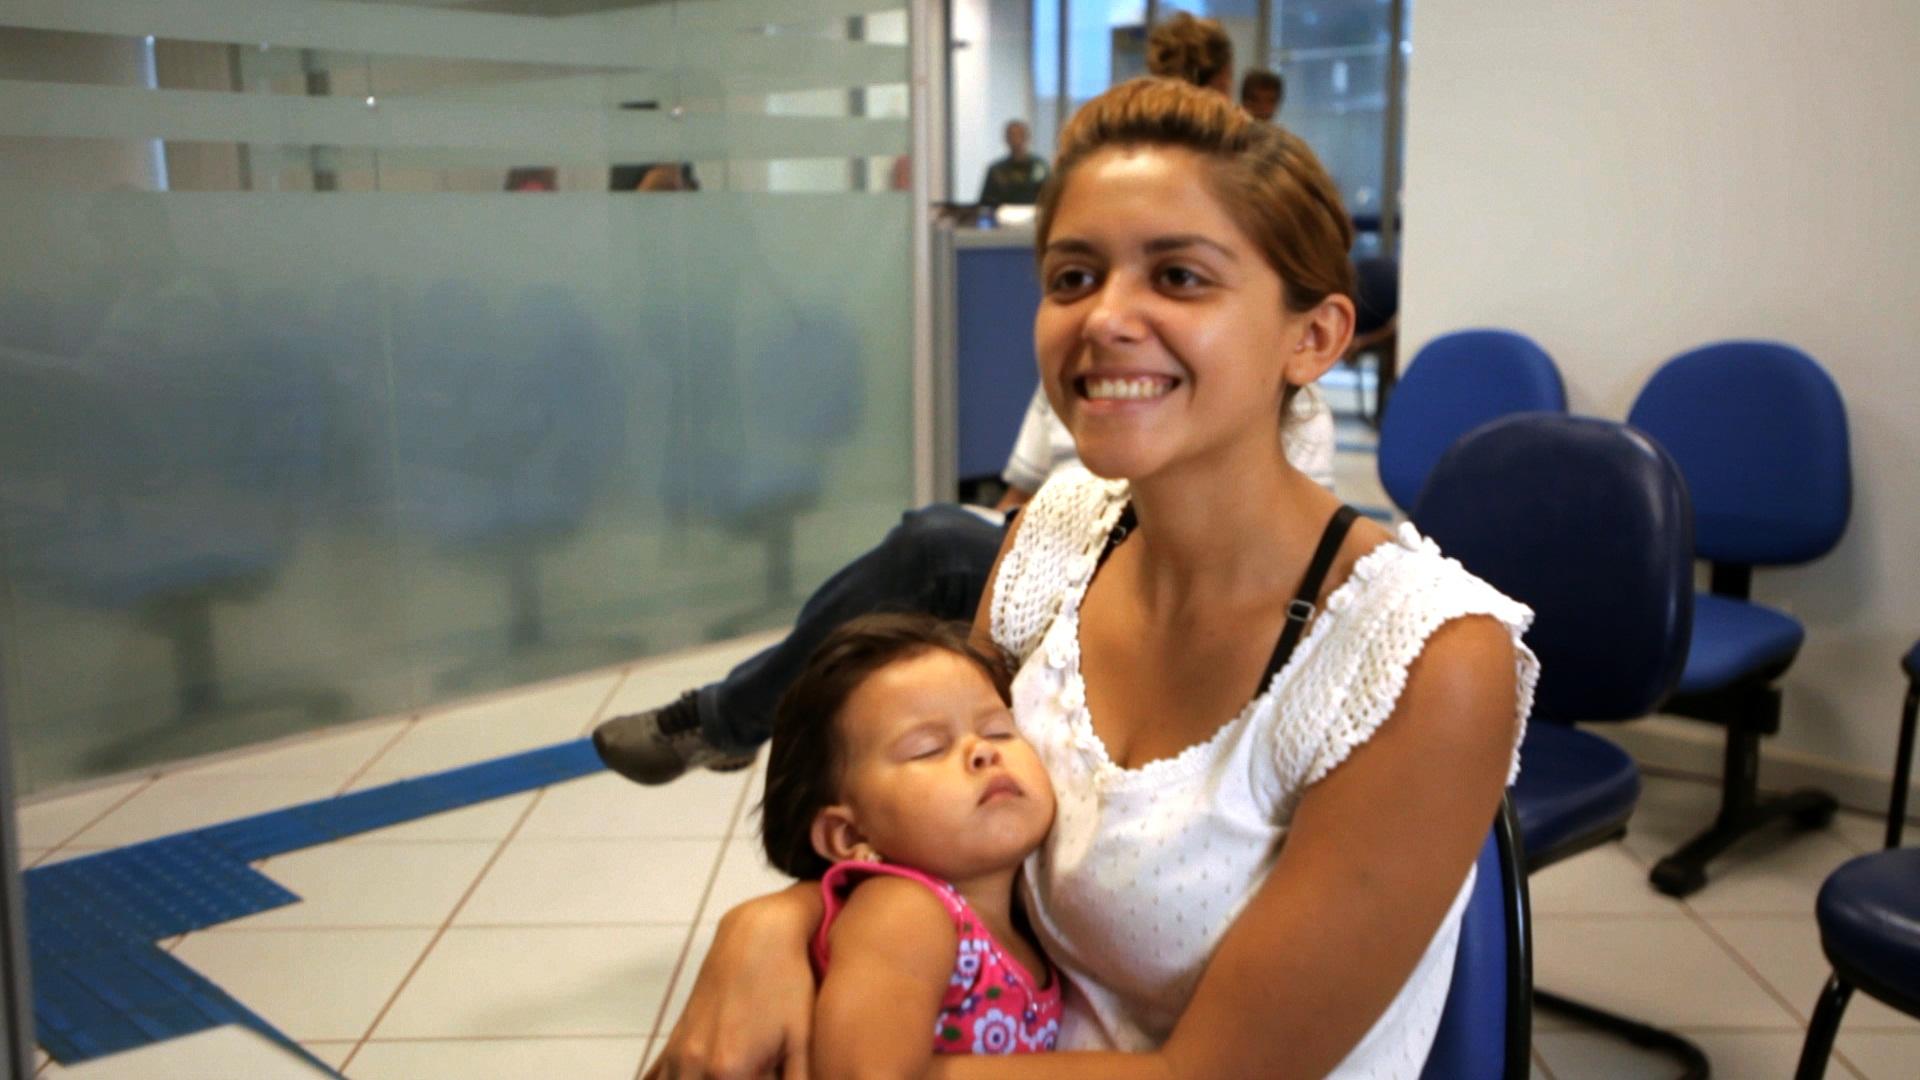 O benefício do salário-maternidade pago pela Previdência Social tem duração de 120 dias. Foto: Divulgação MPS